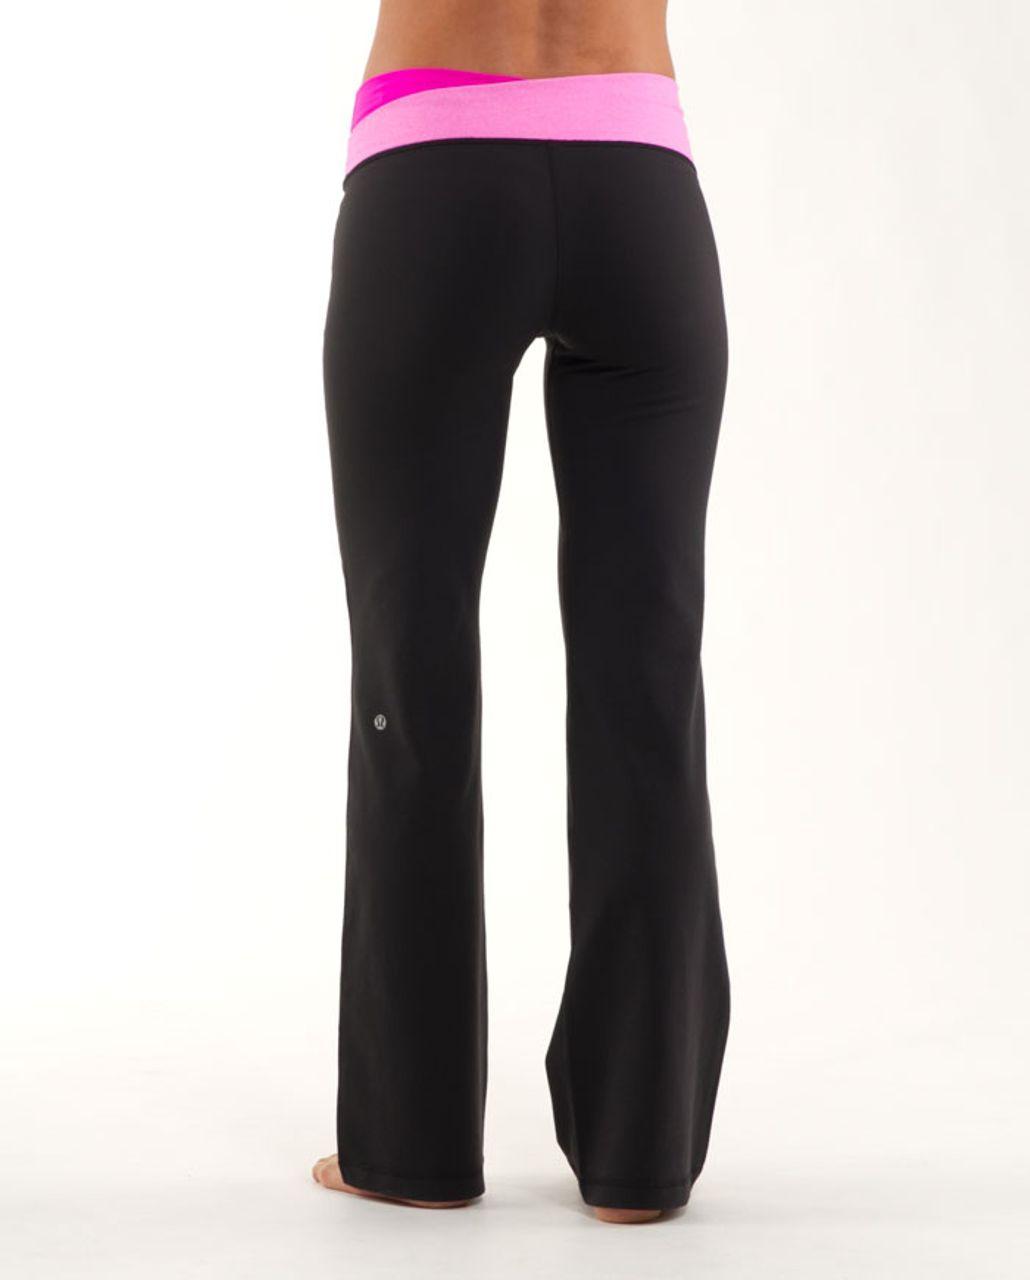 Lululemon Astro Pant (Regular) - Black /  Paris Pink /  Paris Pink White Microstripe